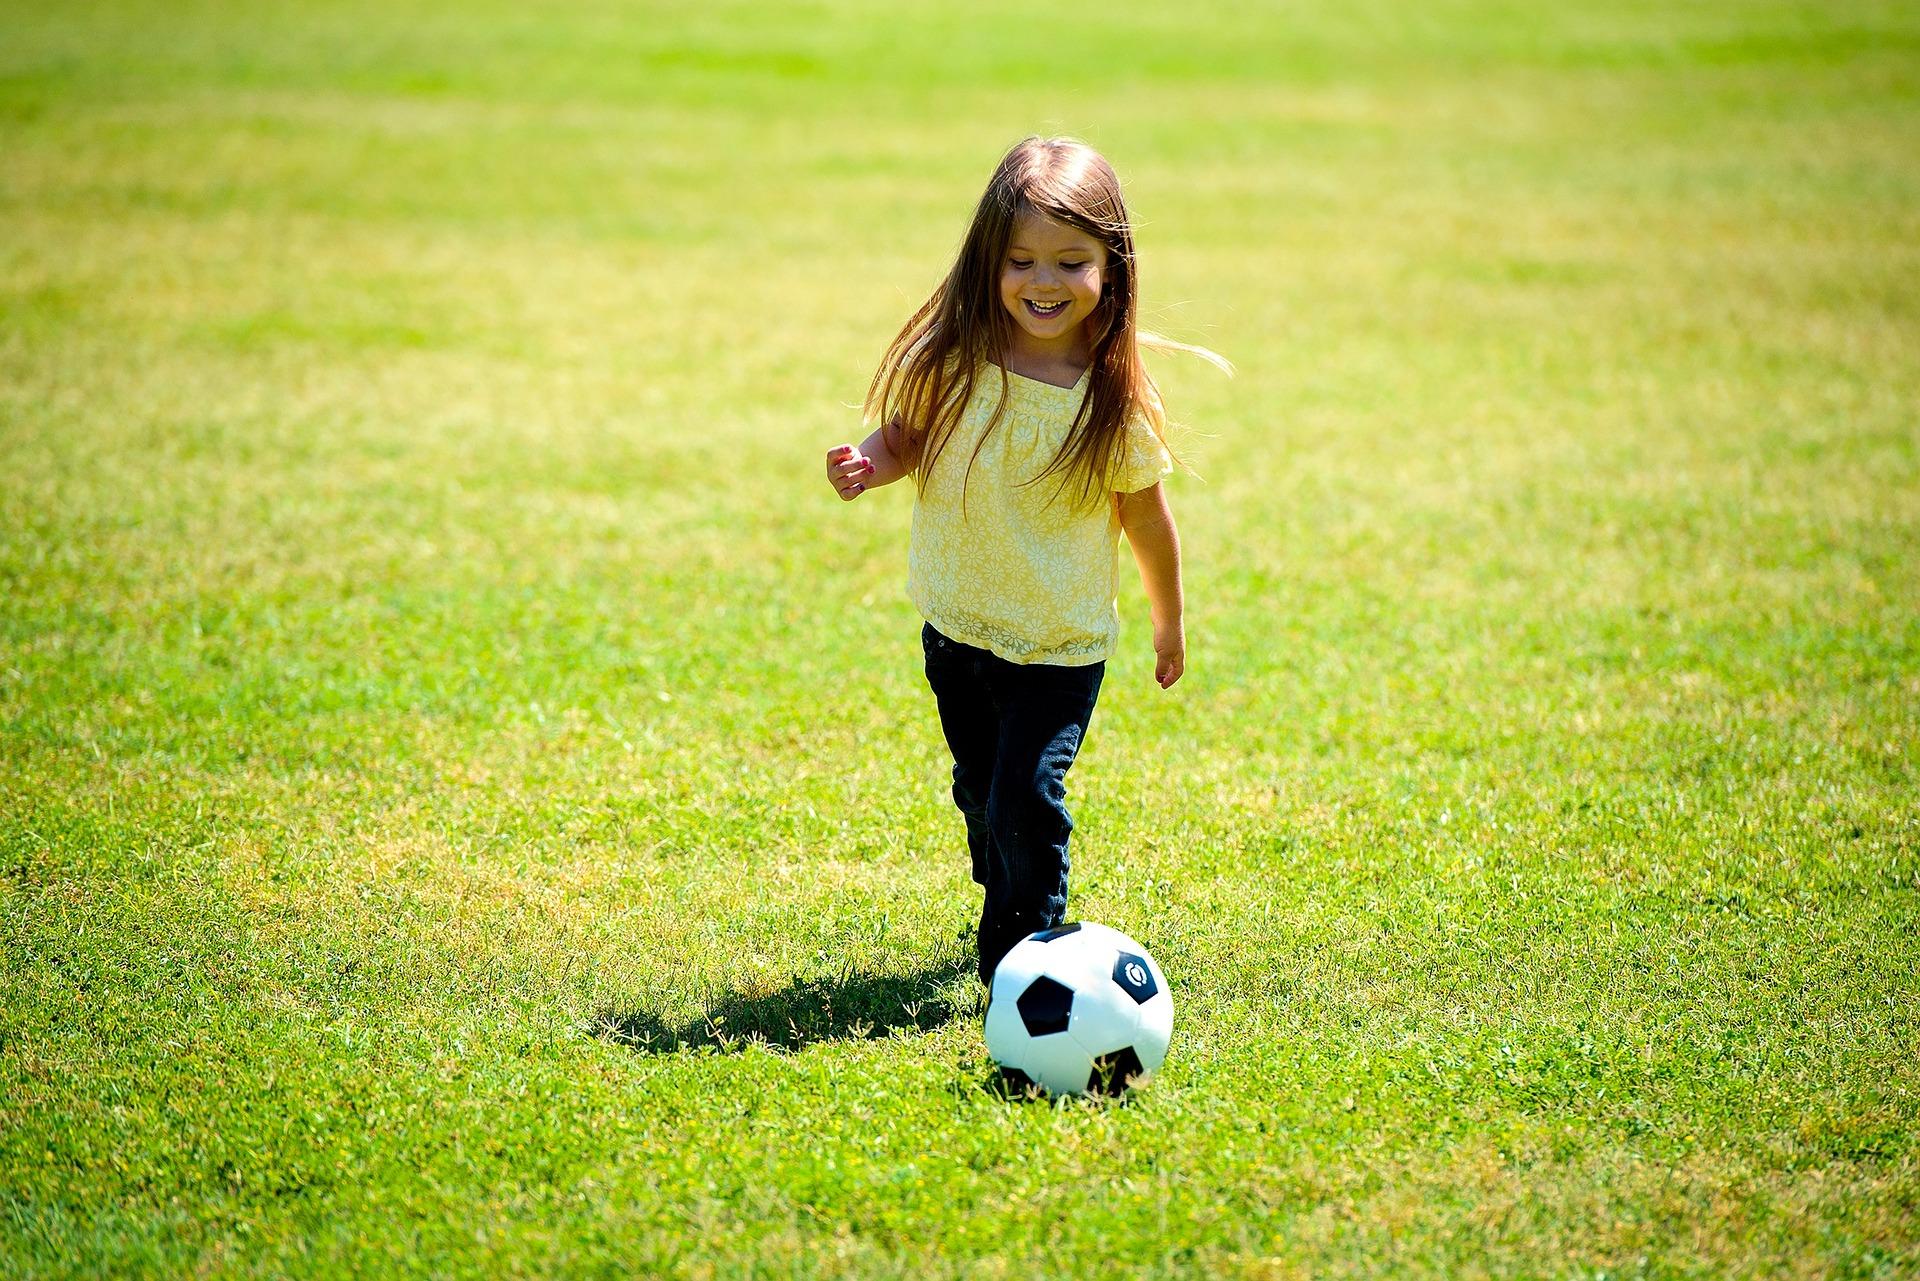 nejlepší cvičení pro děti